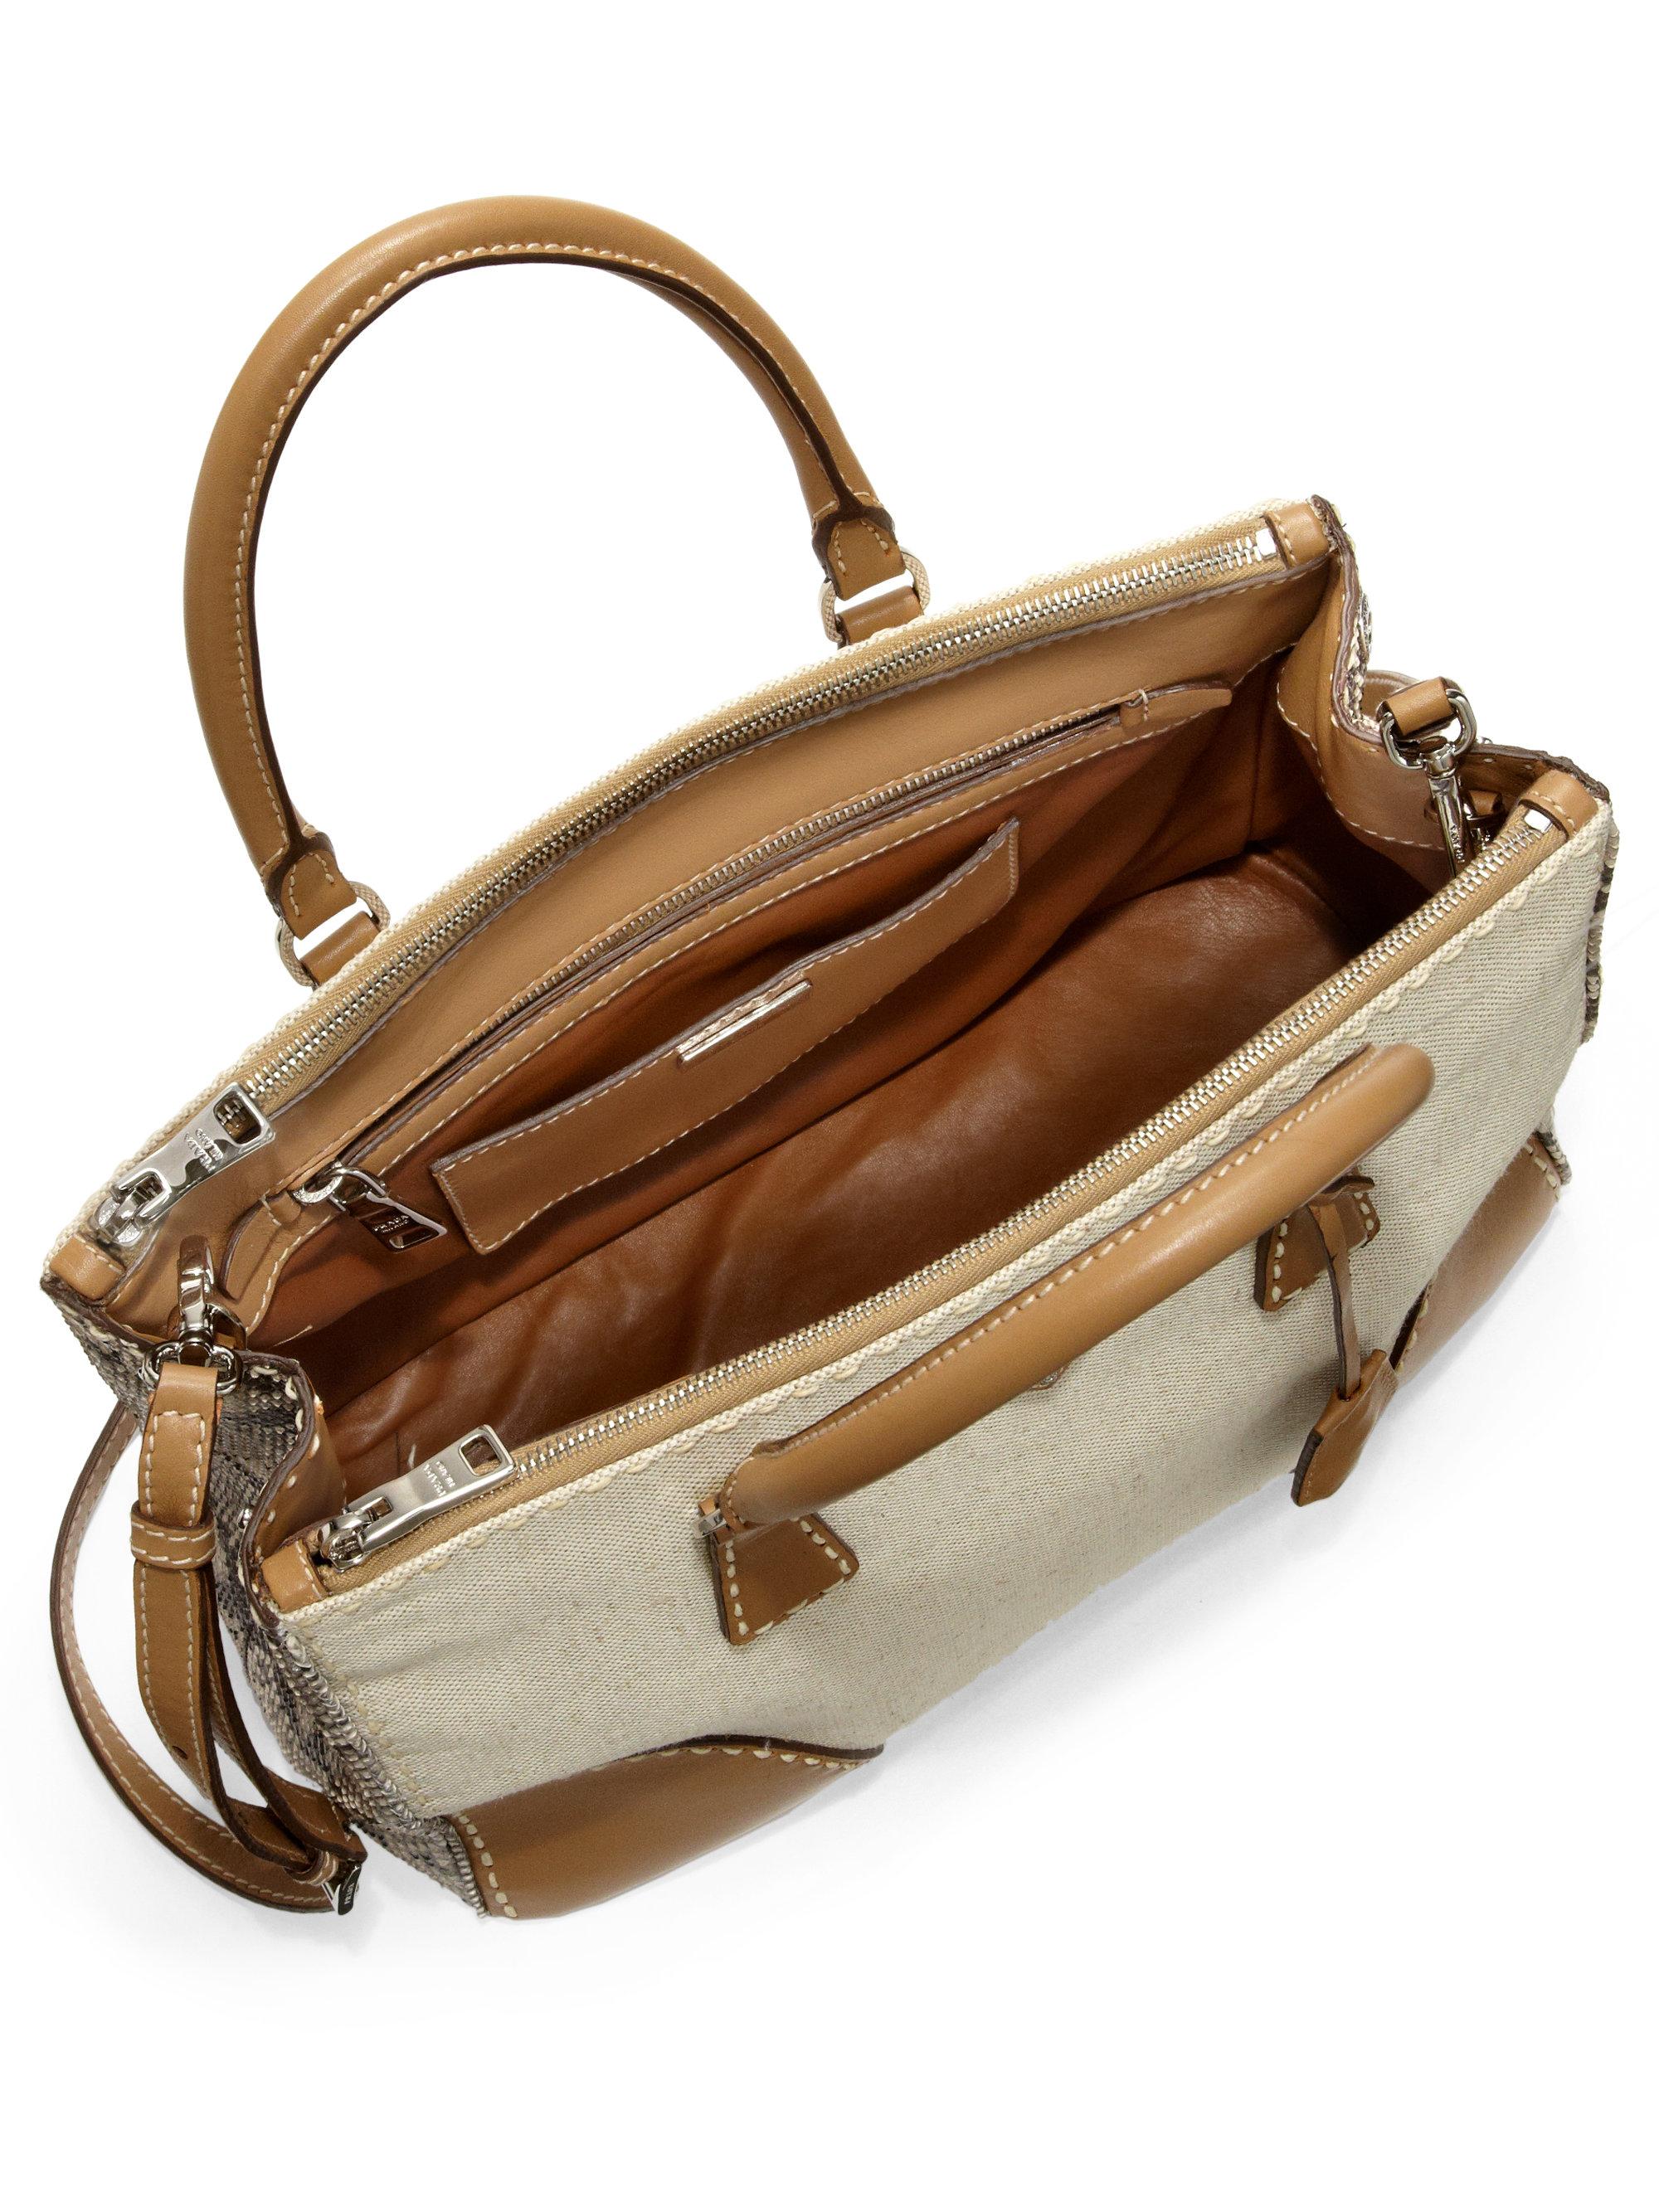 prada croc wallet - Prada Canvas \u0026amp; Python Double Bag in Brown (No Color) | Lyst